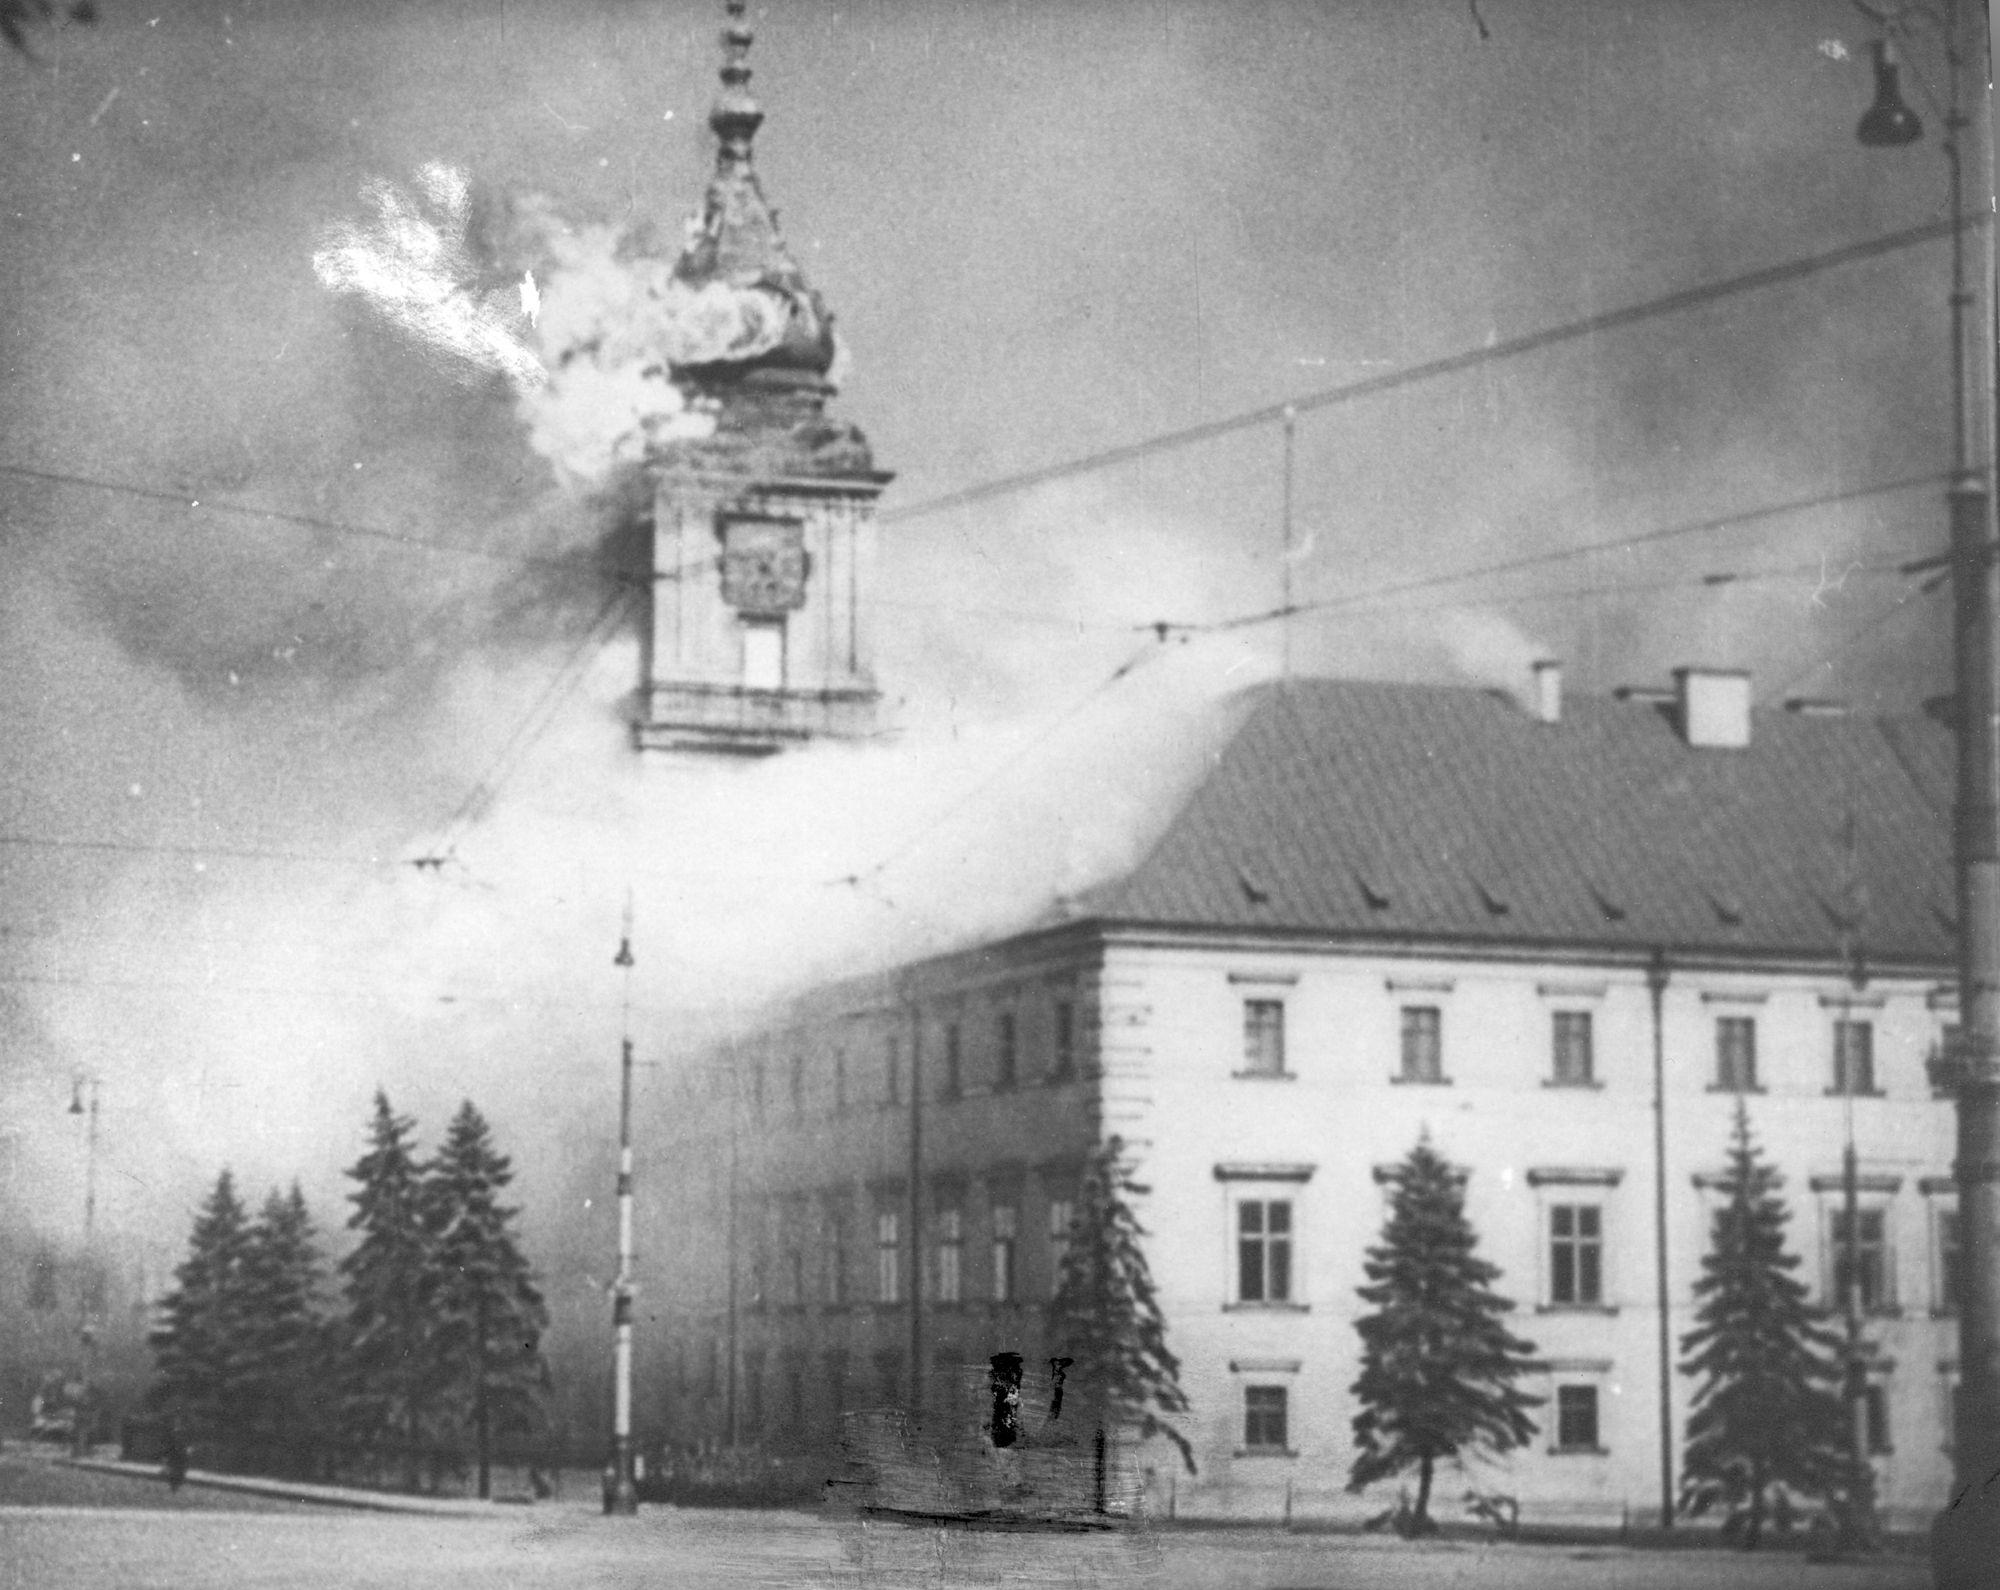 Płonący Zamek Królewski w Warszawie po ostrzale przez artylerię niemiecką, 17 września 1939 r. (fot. Wikimedia.org / Domena publiczna)